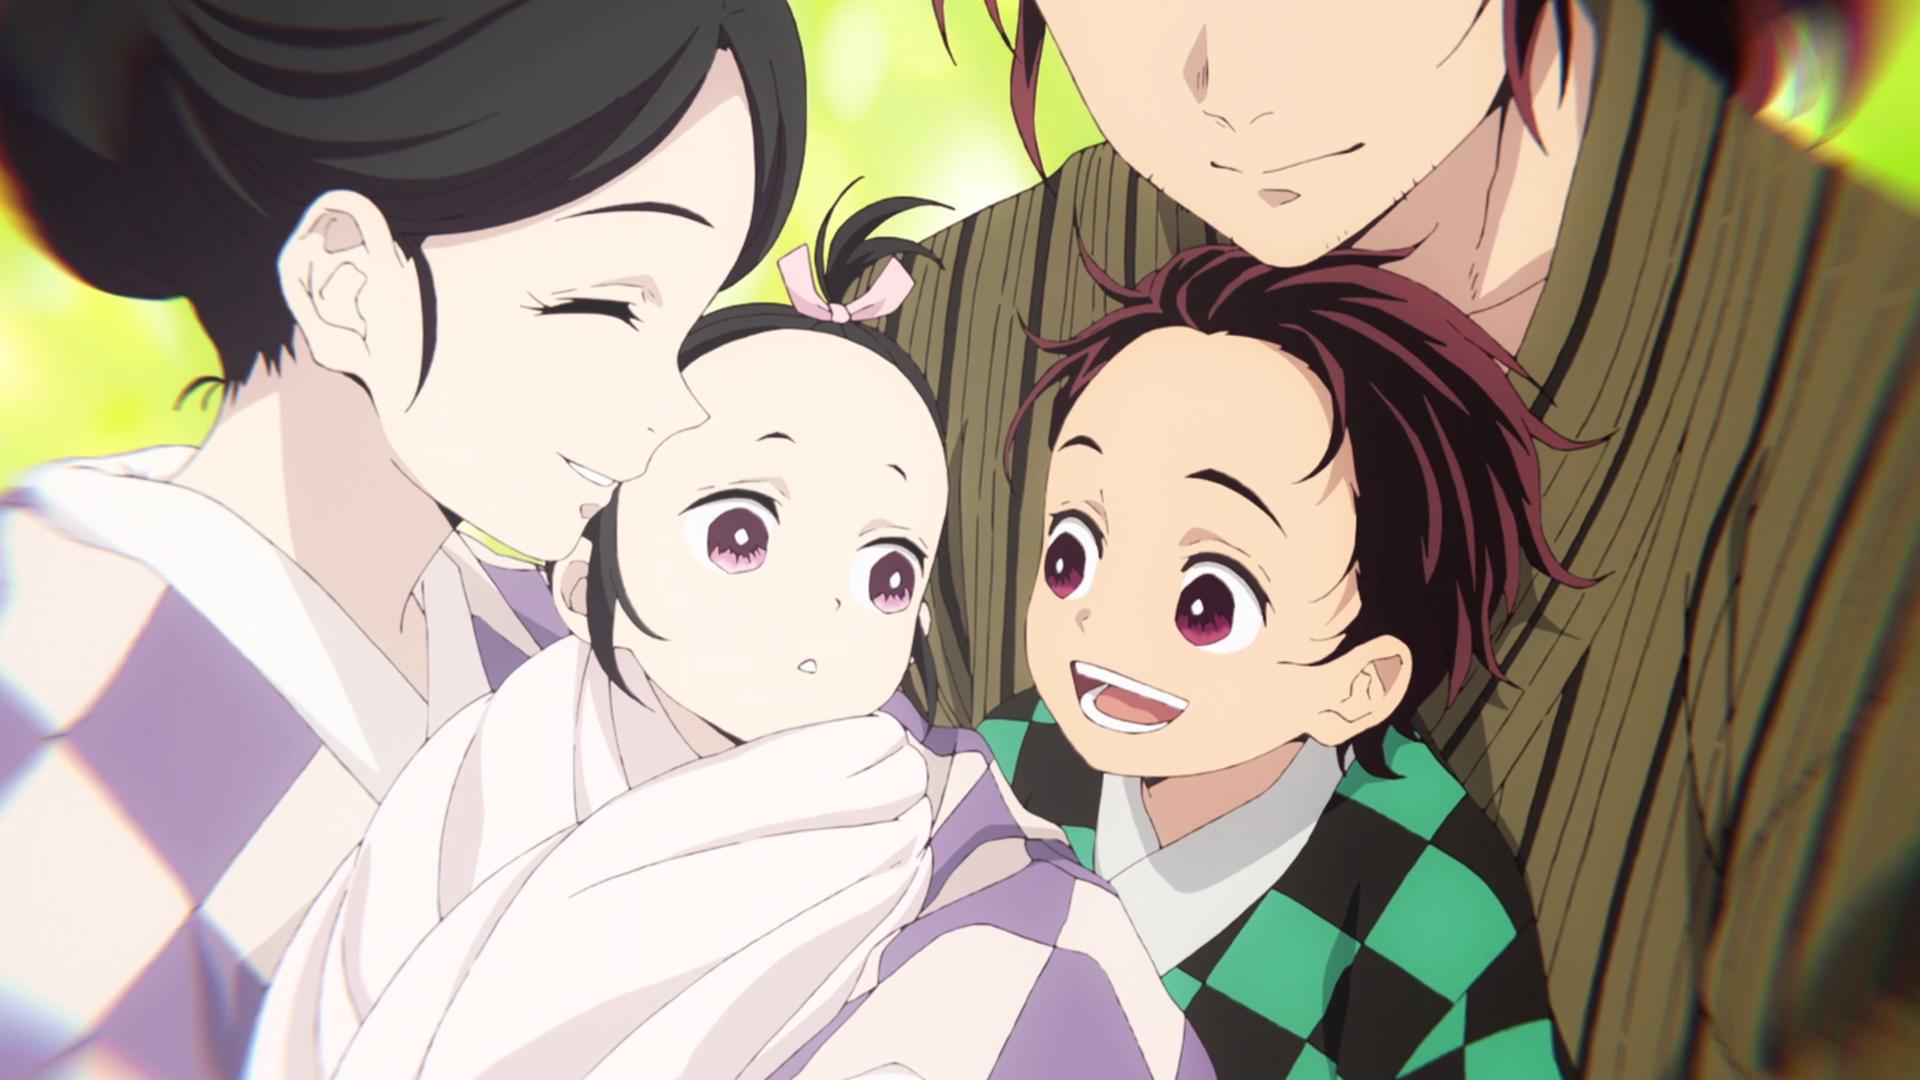 Anime Girl Growth nezuko kamado   kimetsu no yaiba wikia   fandom